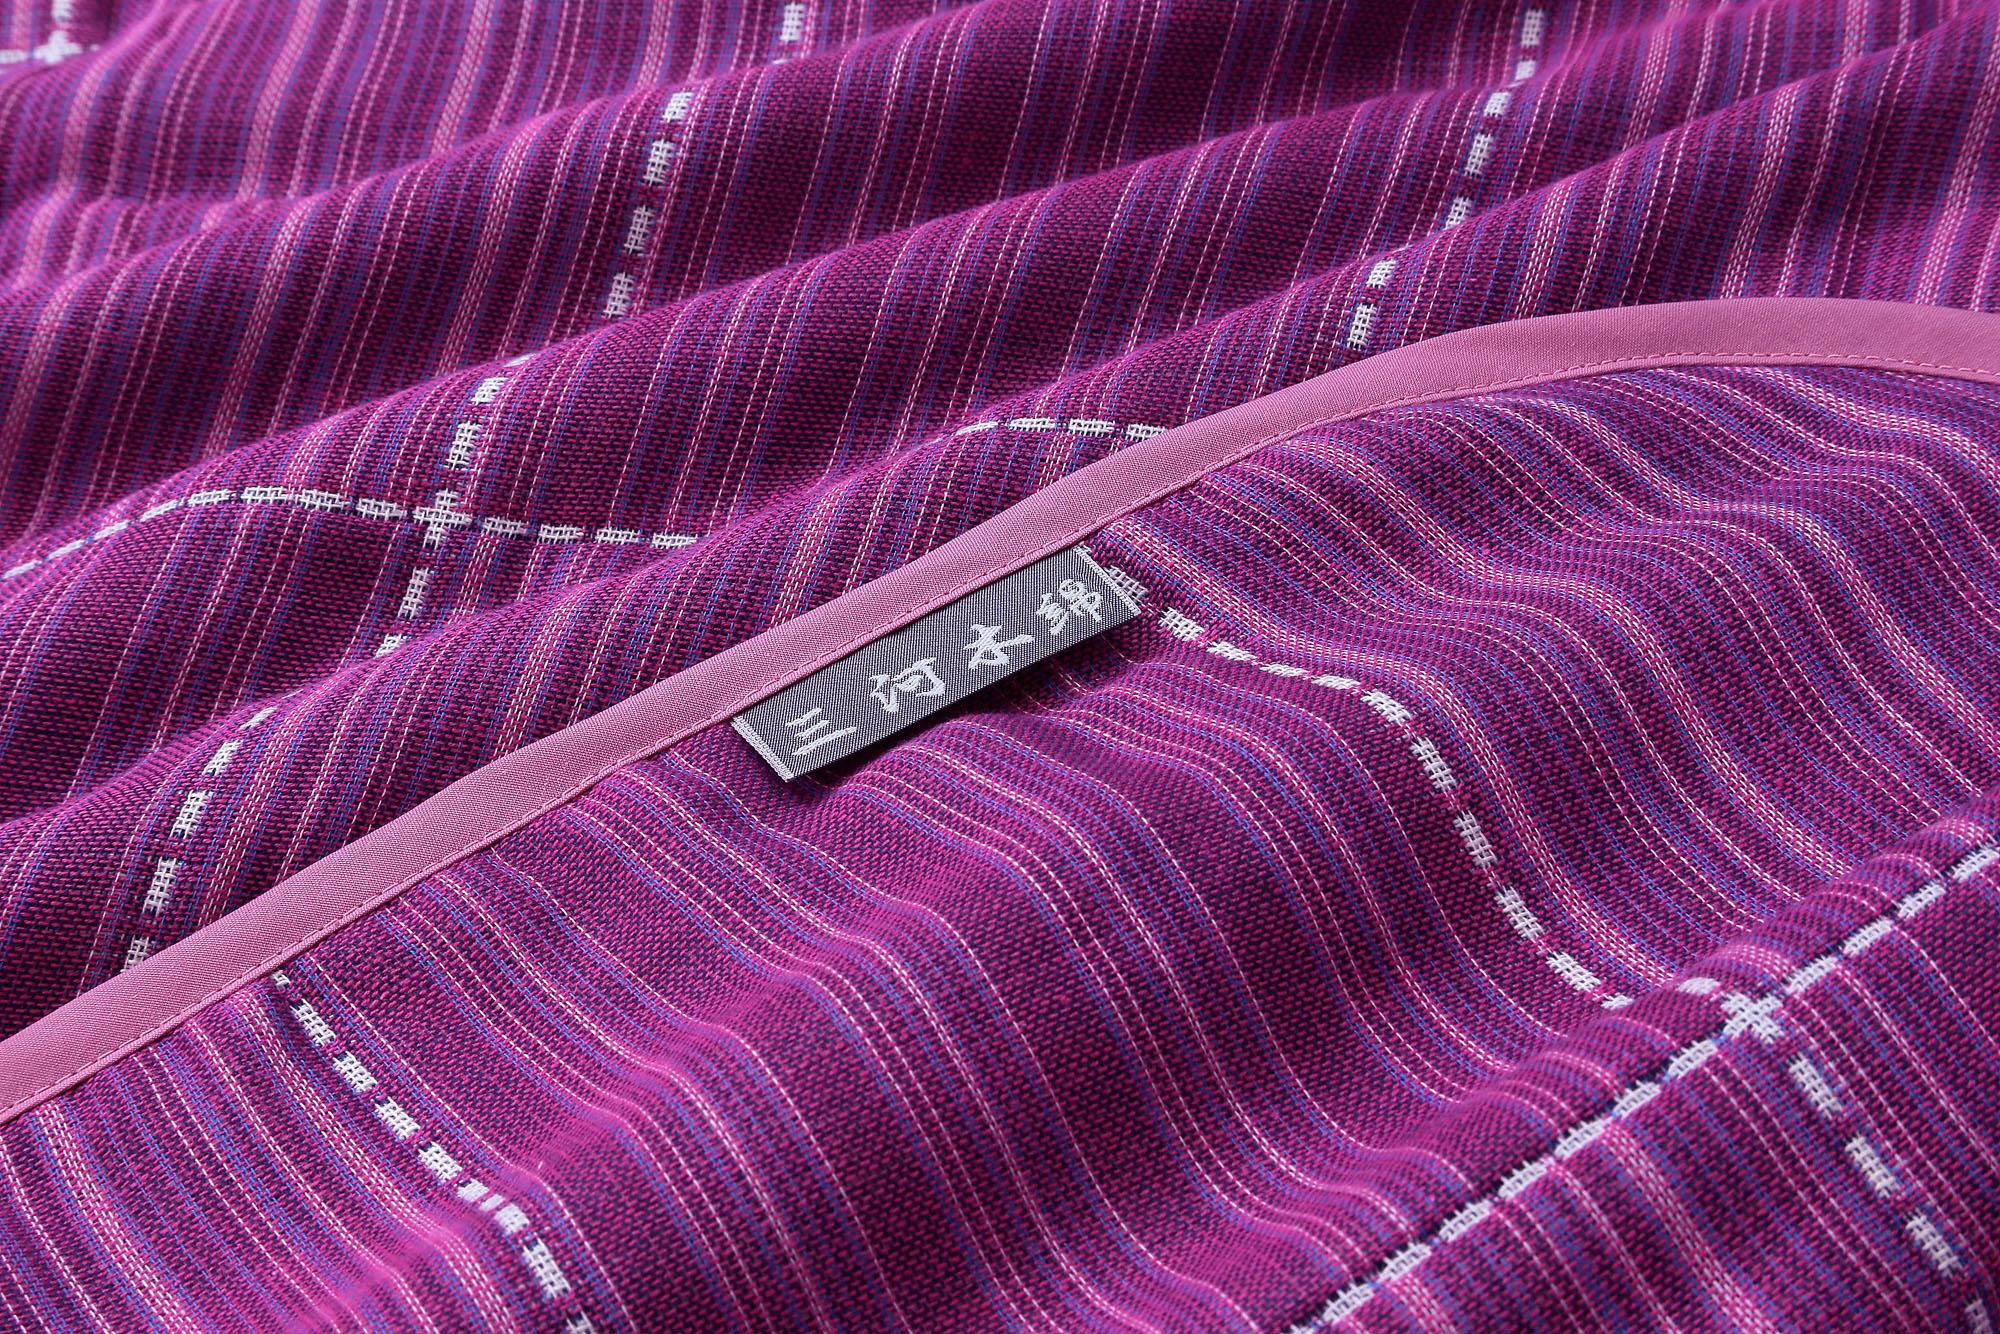 ภาพซูมเนื้อผ้าห่ม Mikawa purple